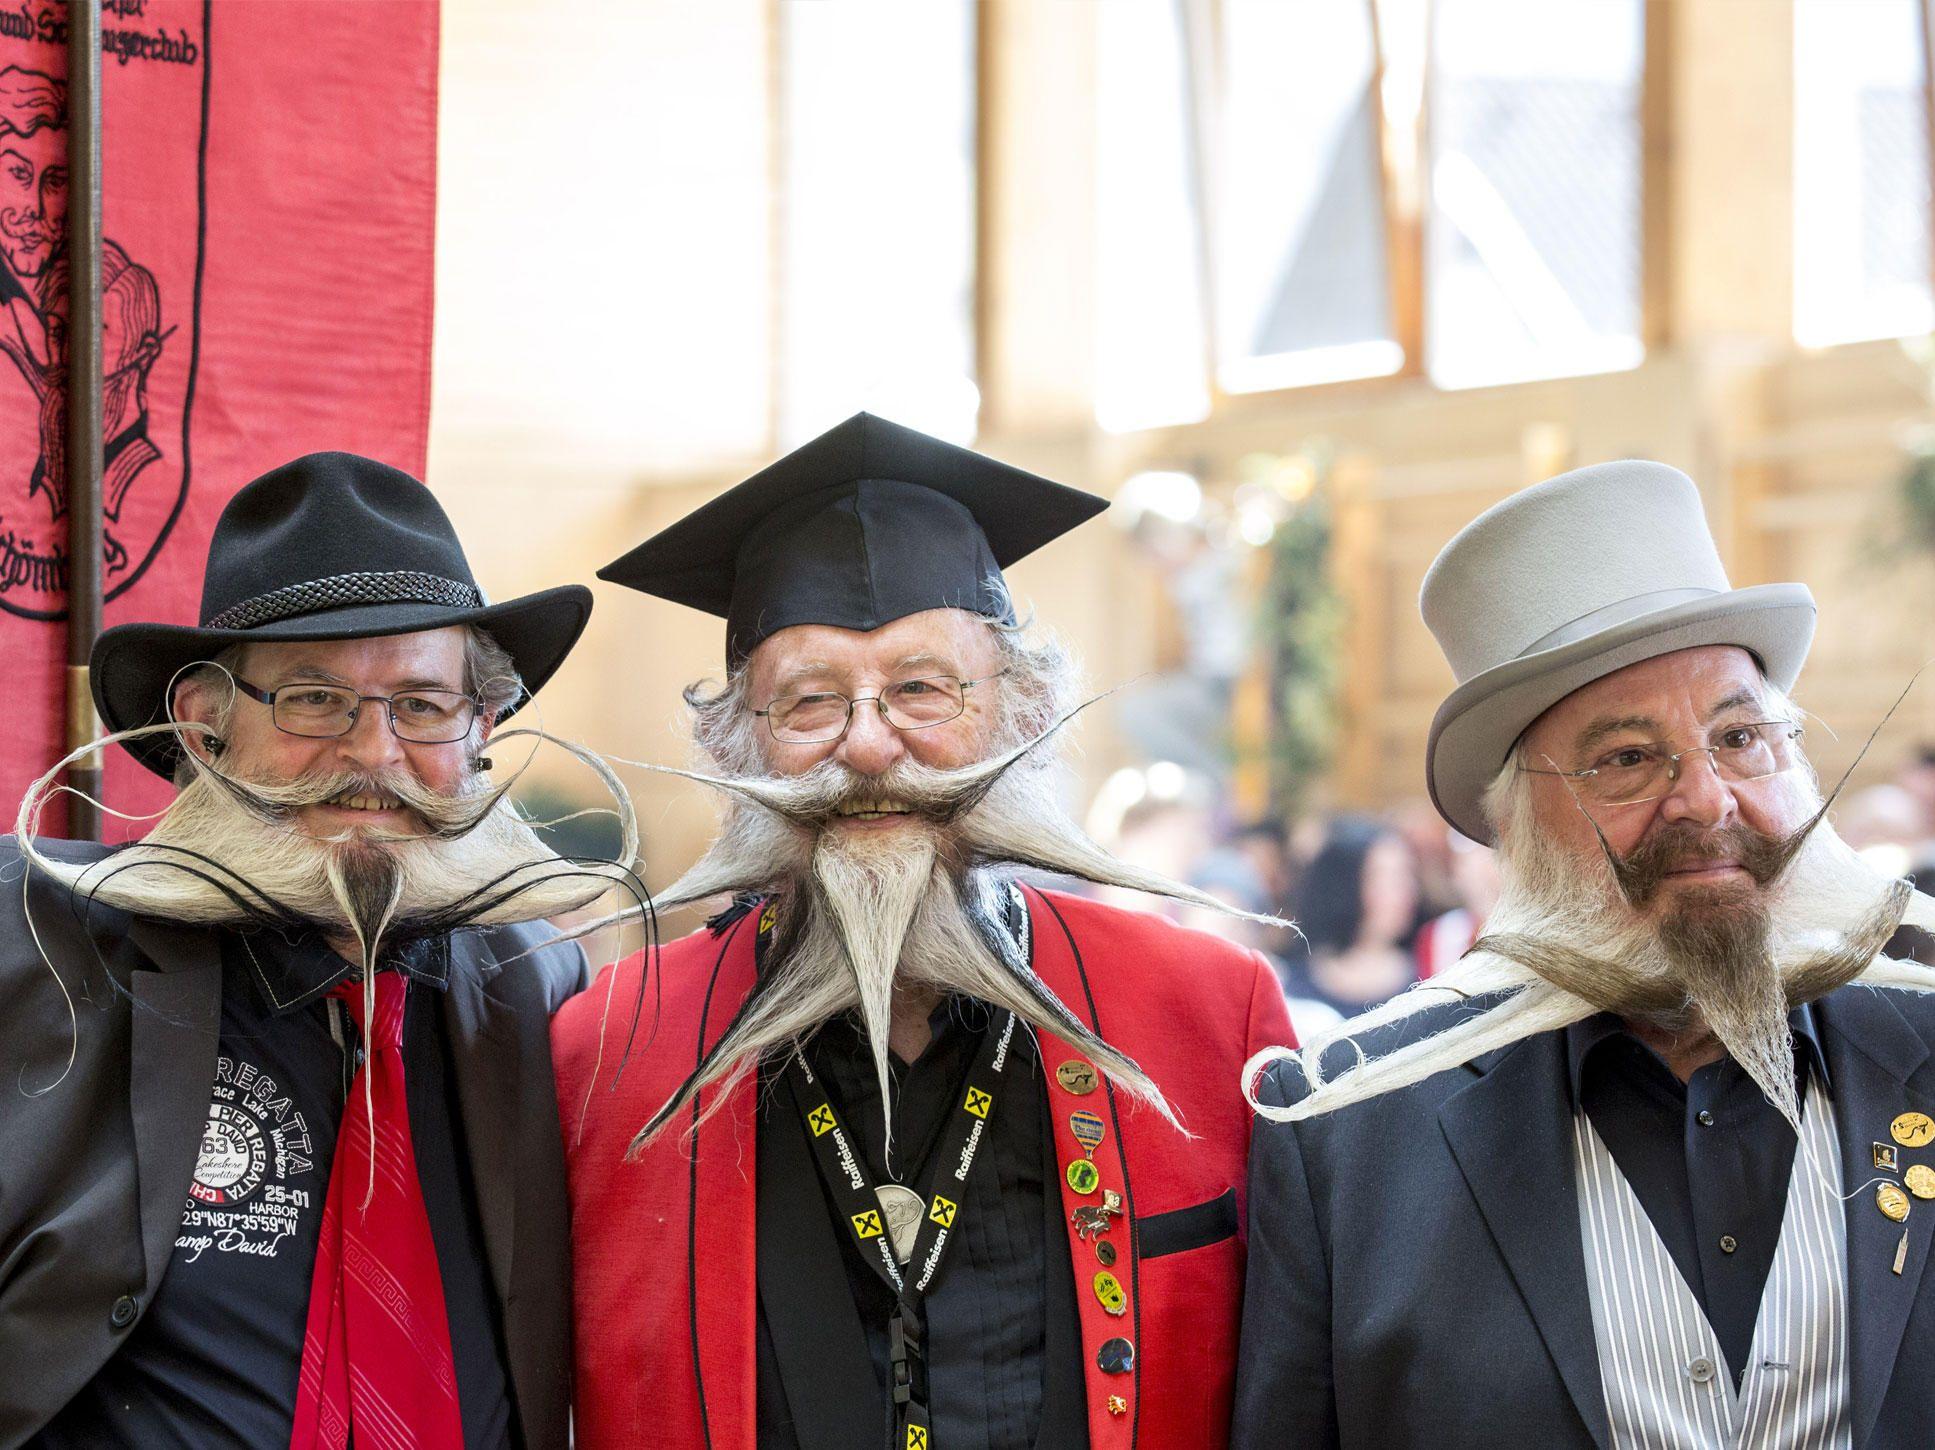 El Campeonato Mundial de Barbas y Bigotes se llevó a cabo en Austria. | Farandulaya